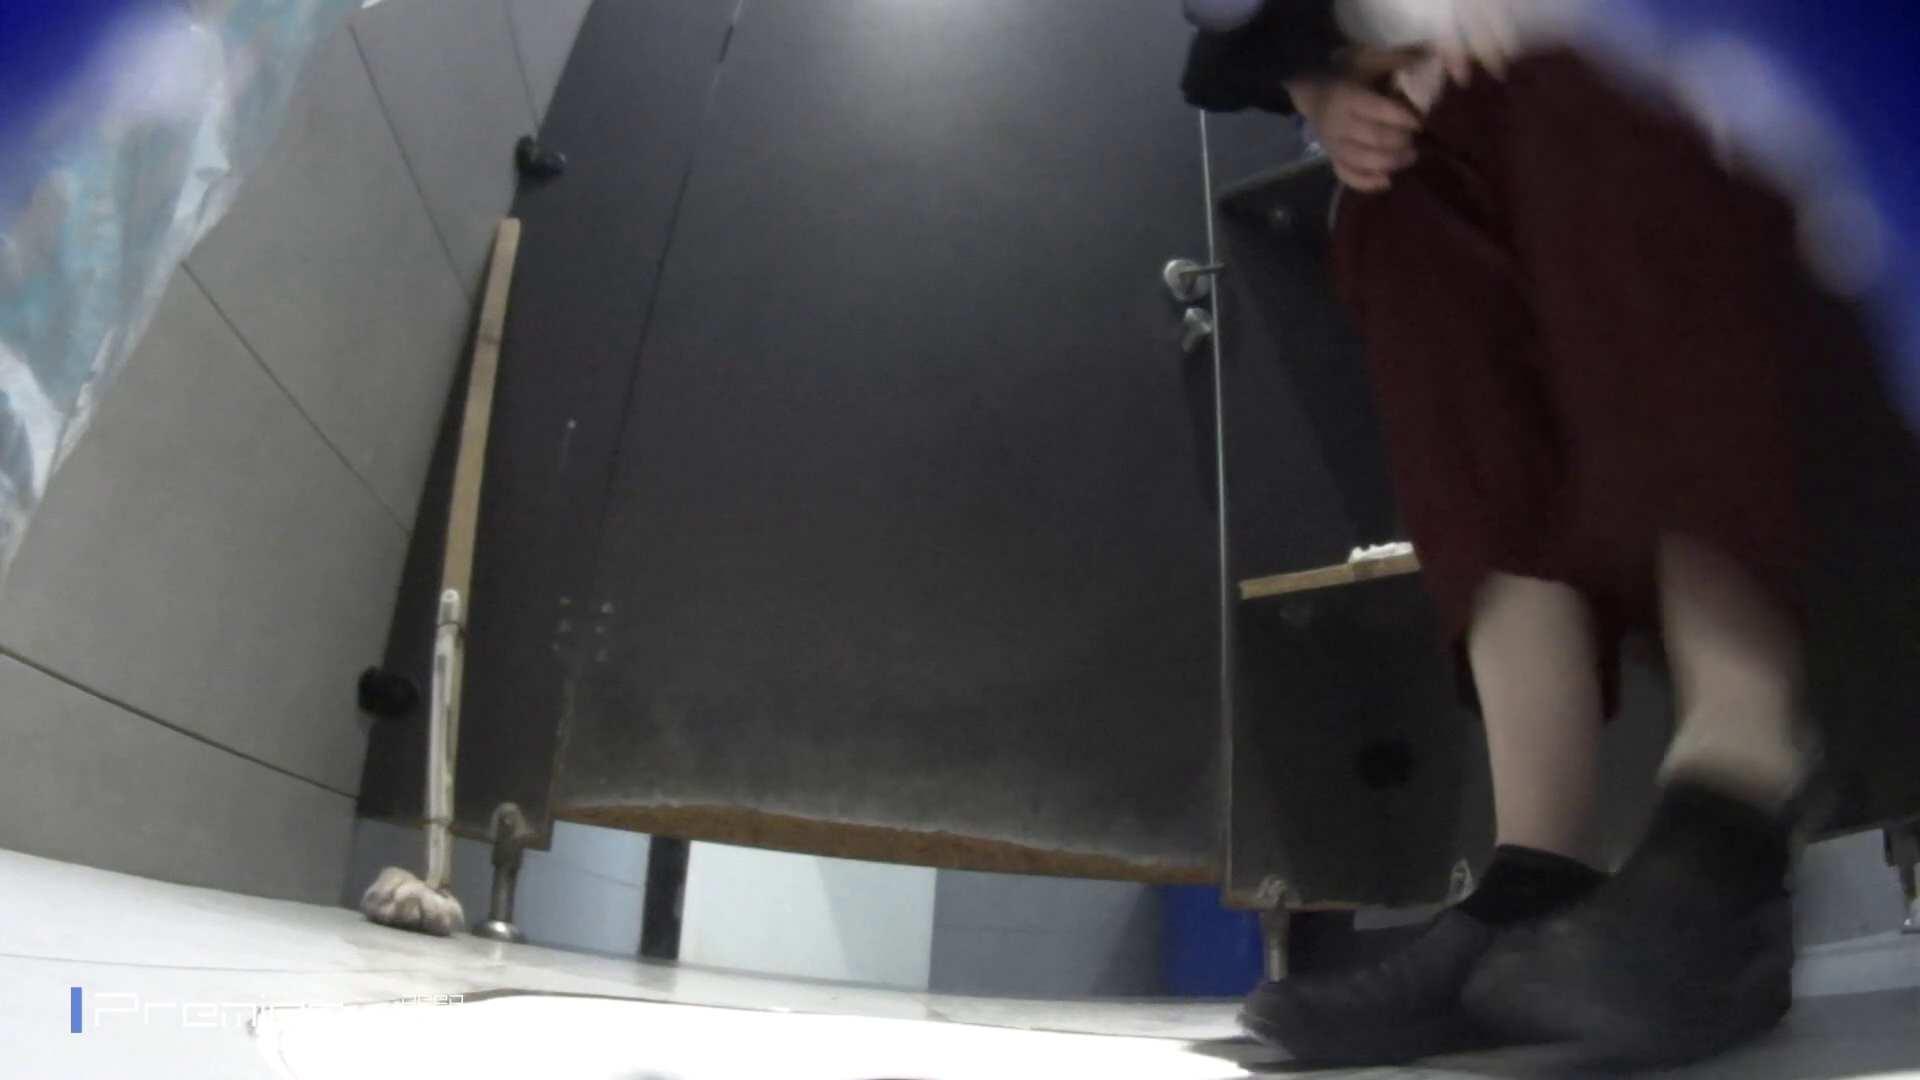 フロントから丸見え! 大学休憩時間の洗面所事情60 Hな美女 セックス画像 87pic 70